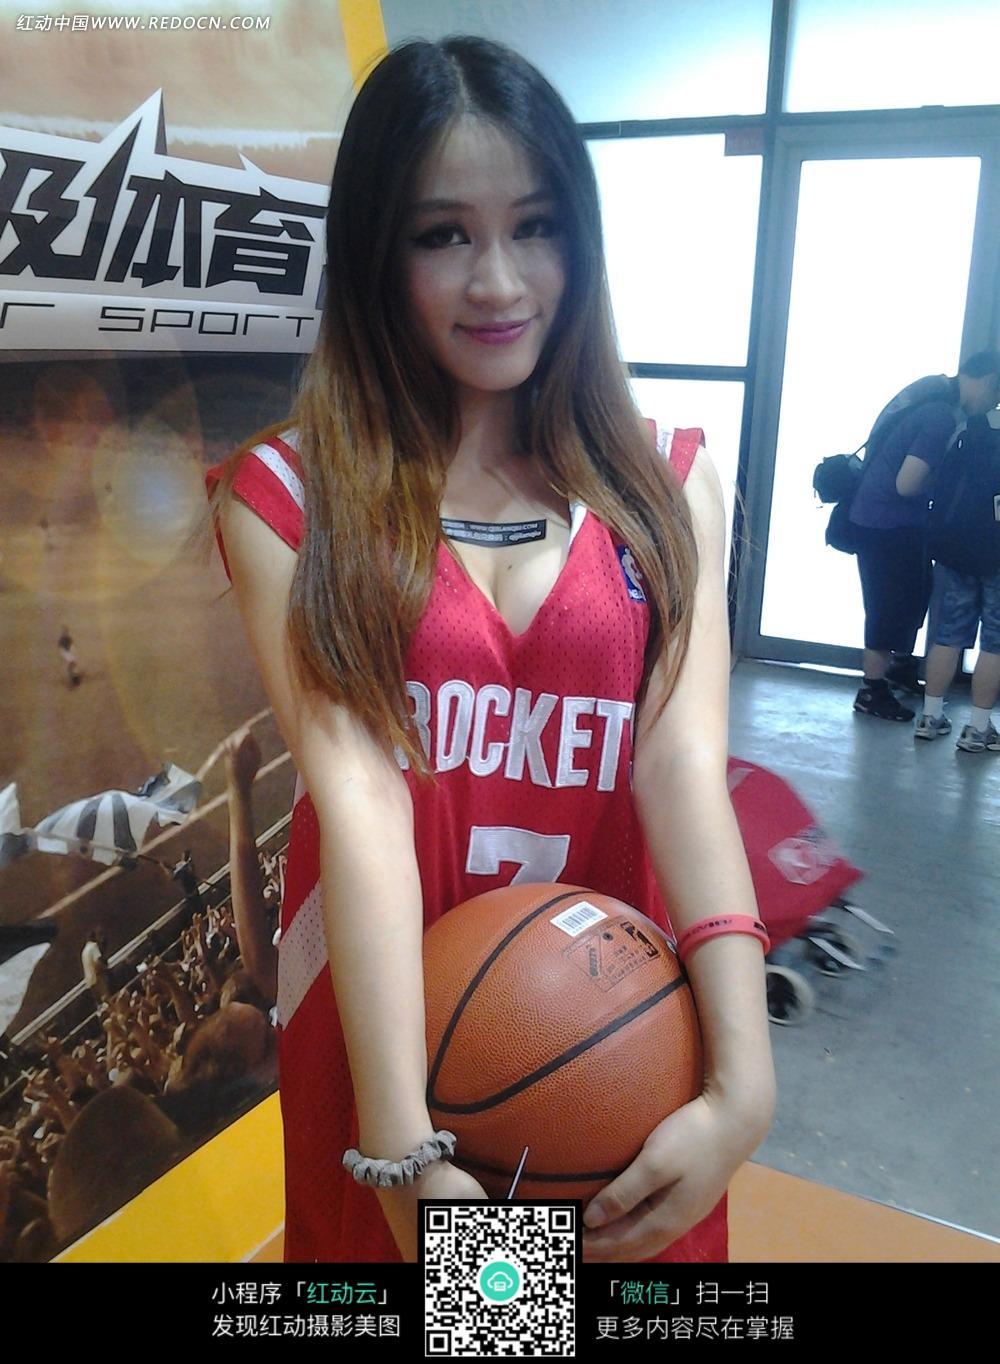 性感的篮球宝贝美女图片